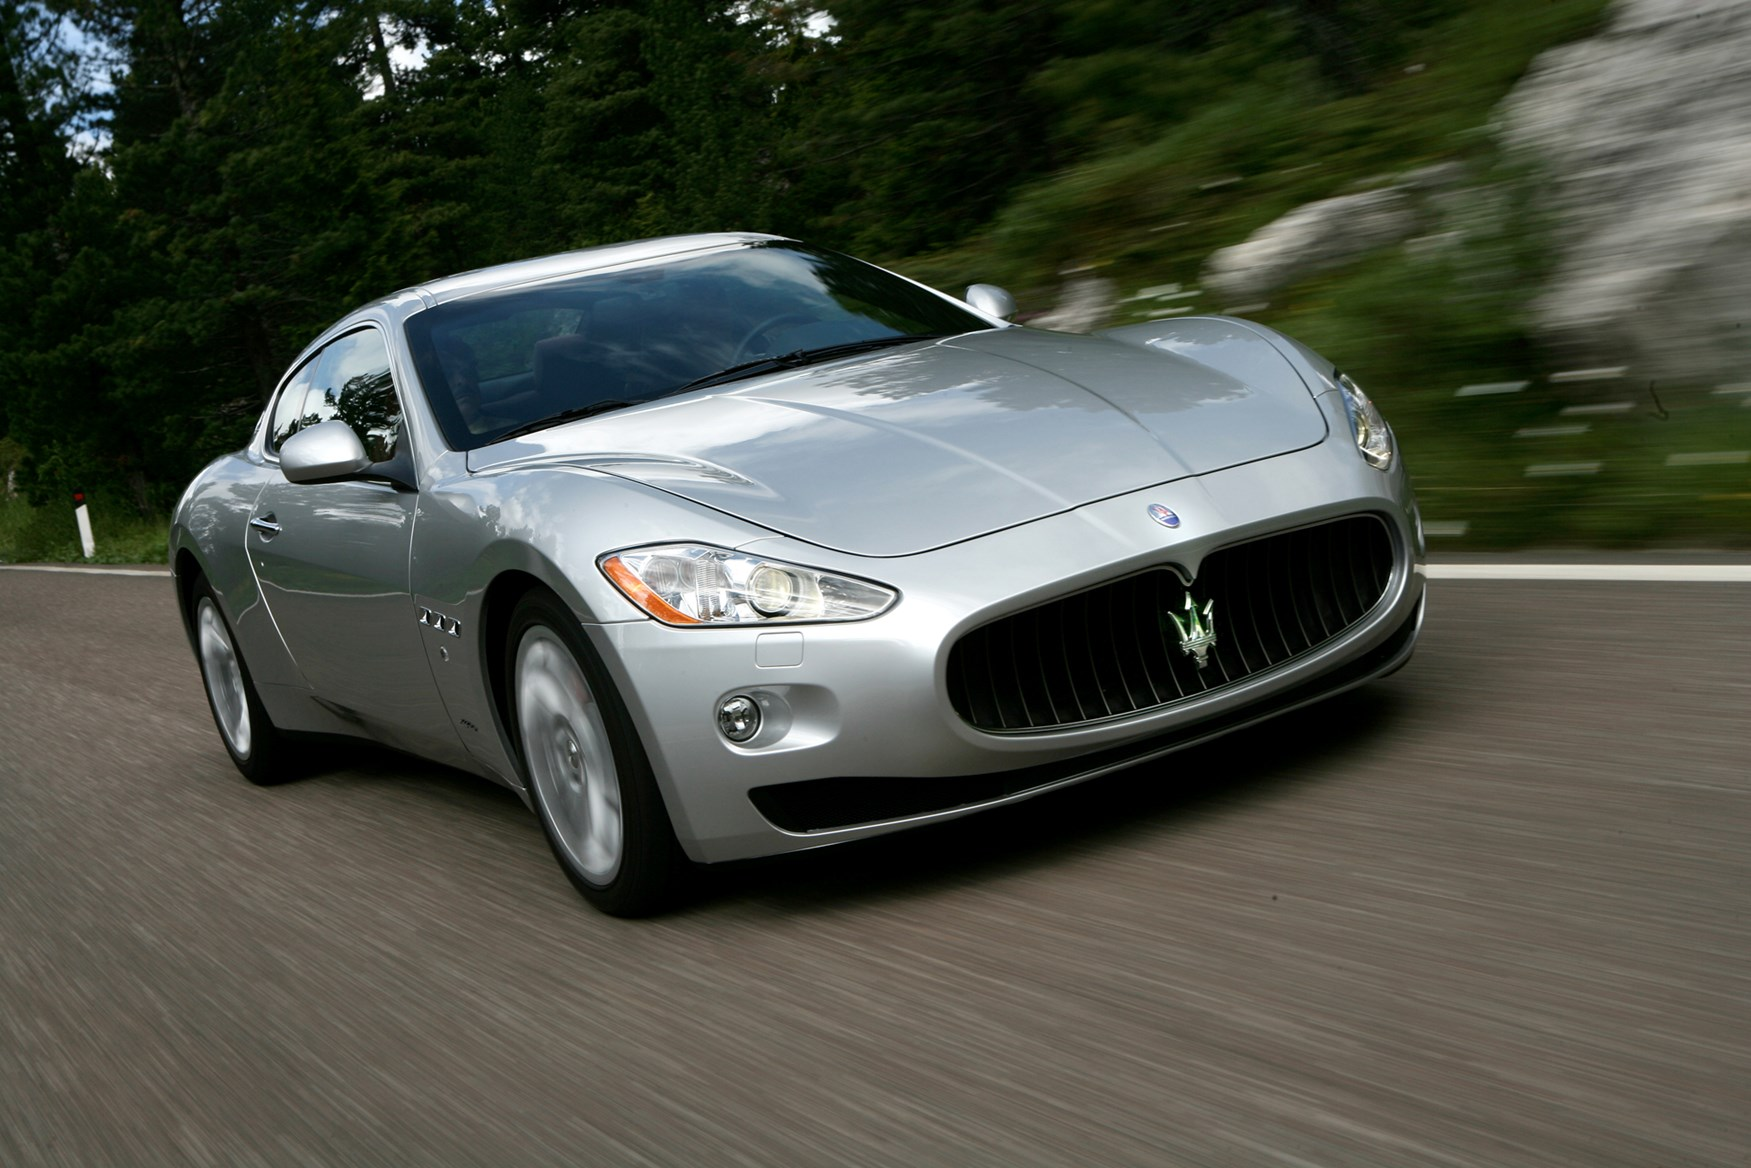 Maserati quattroporte service cost